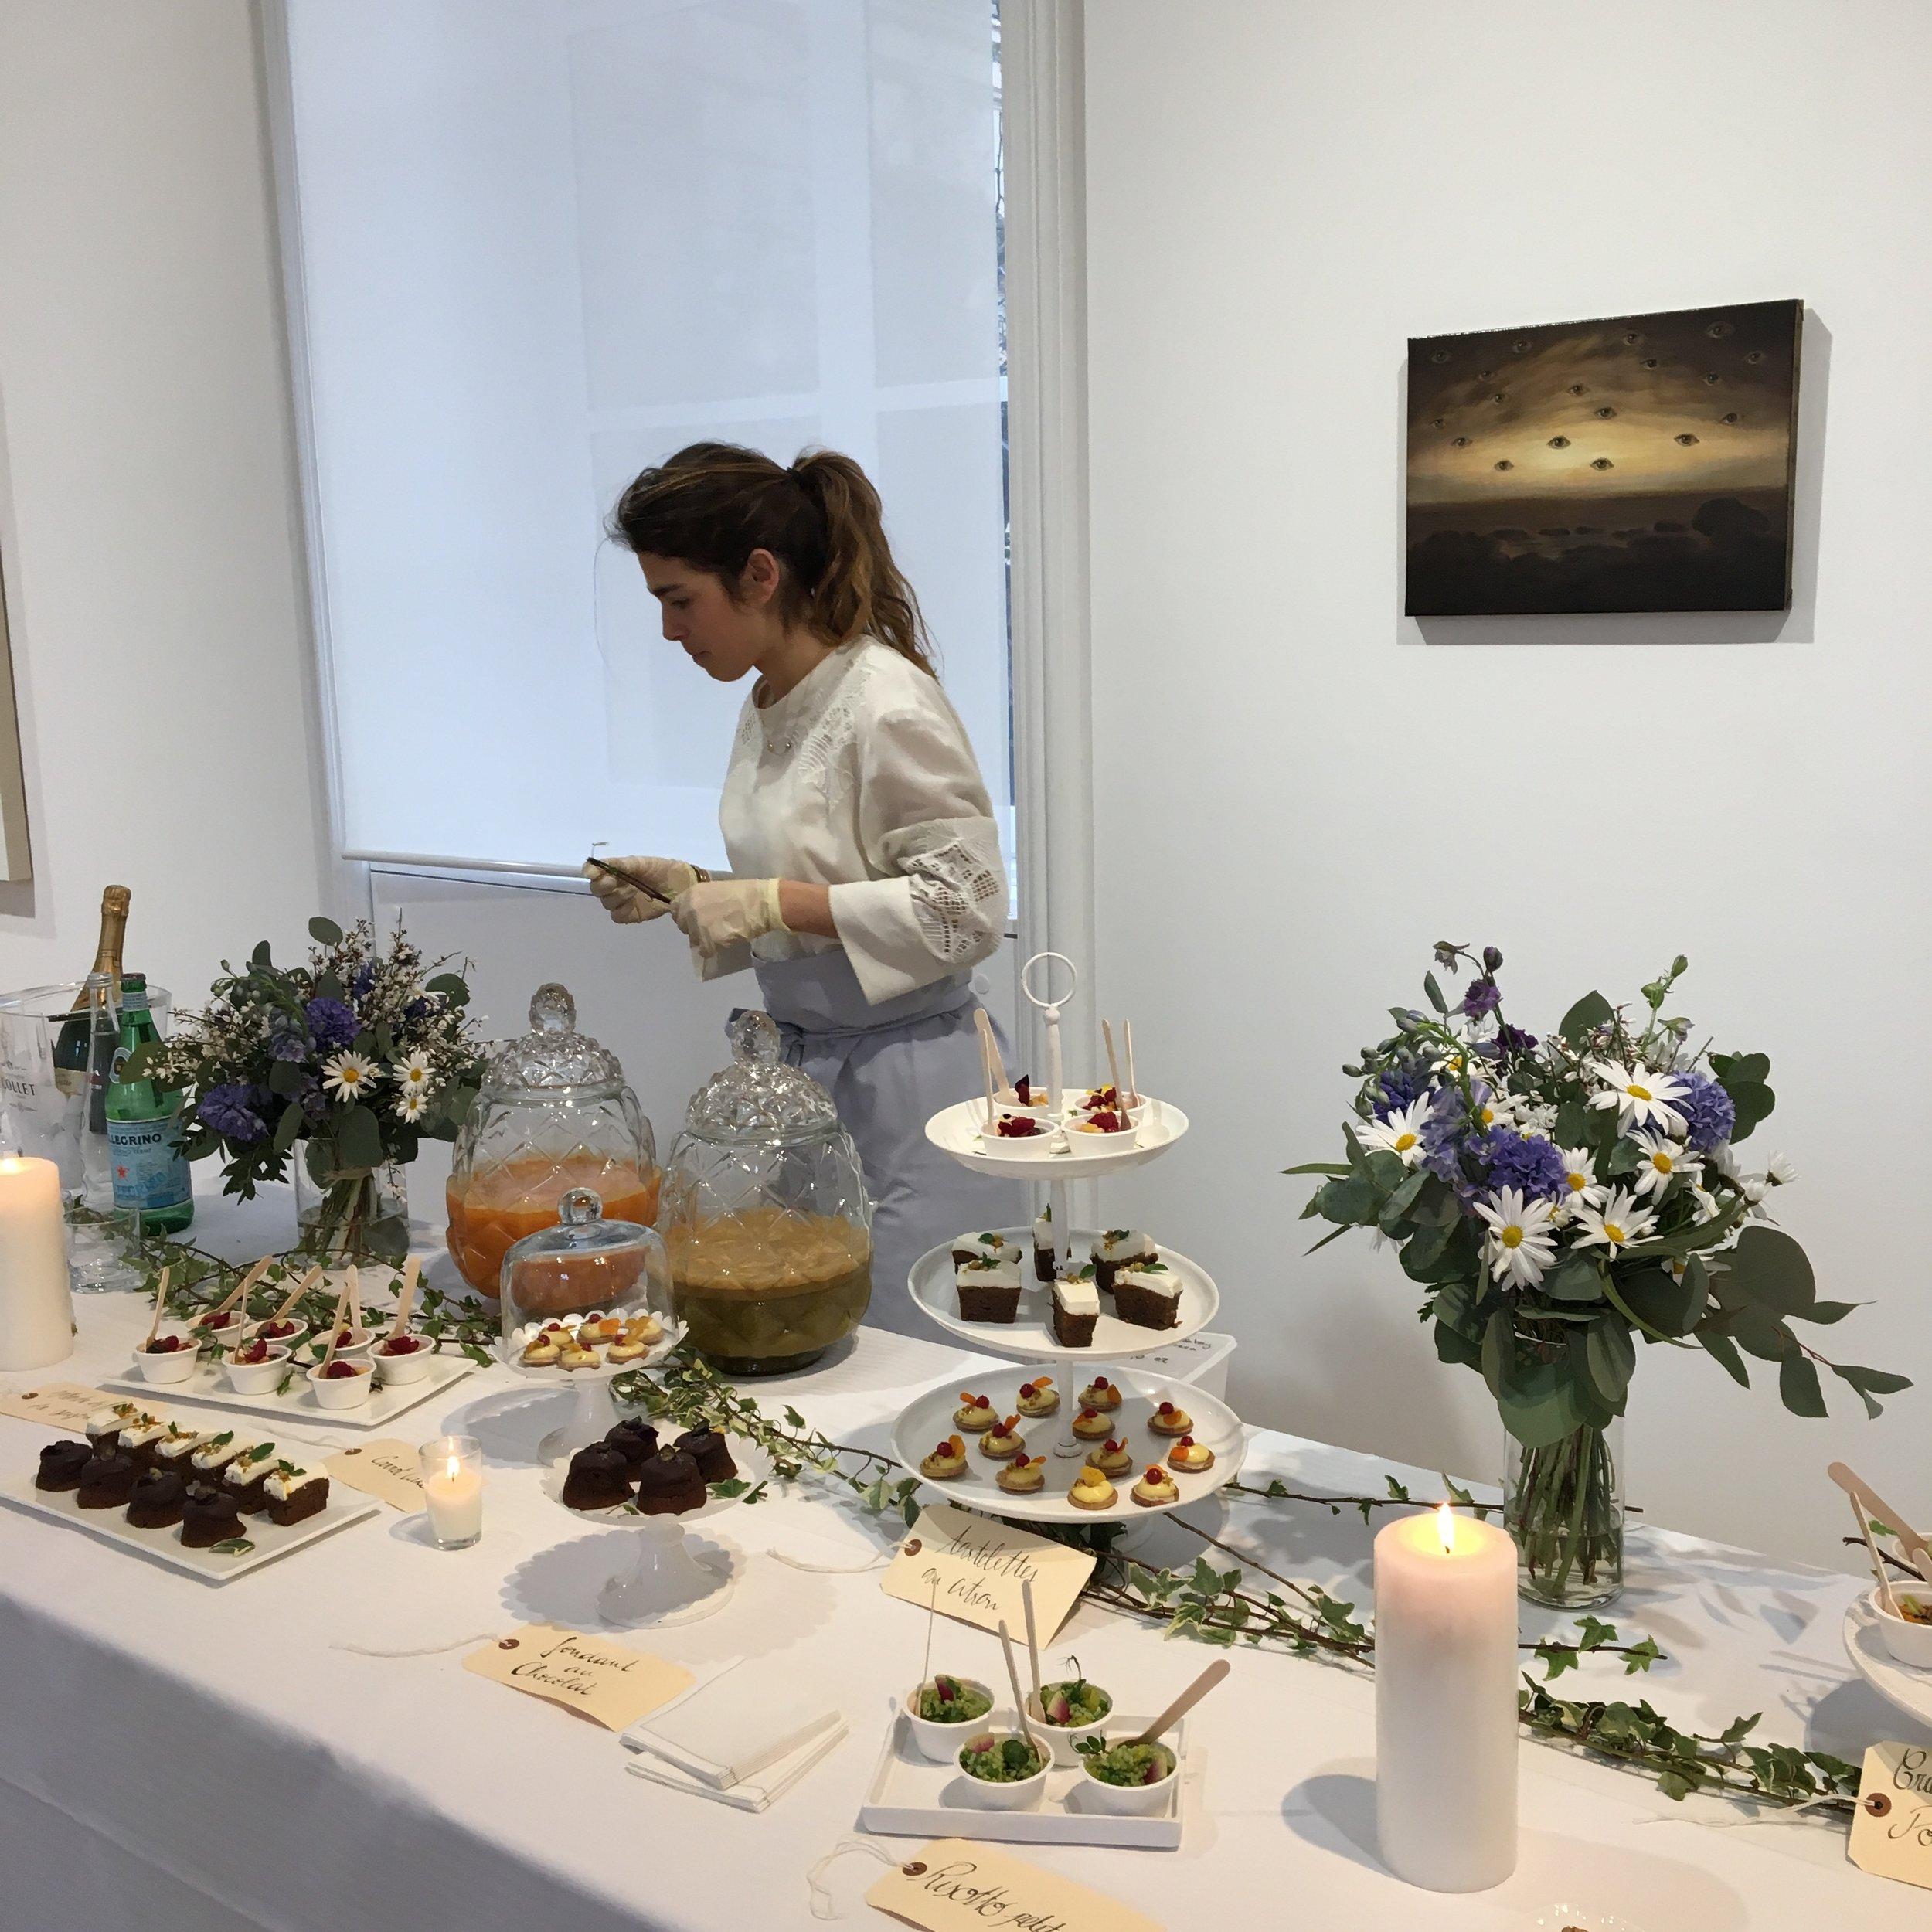 Galerie Perrotin - Buffet & Centres de tables